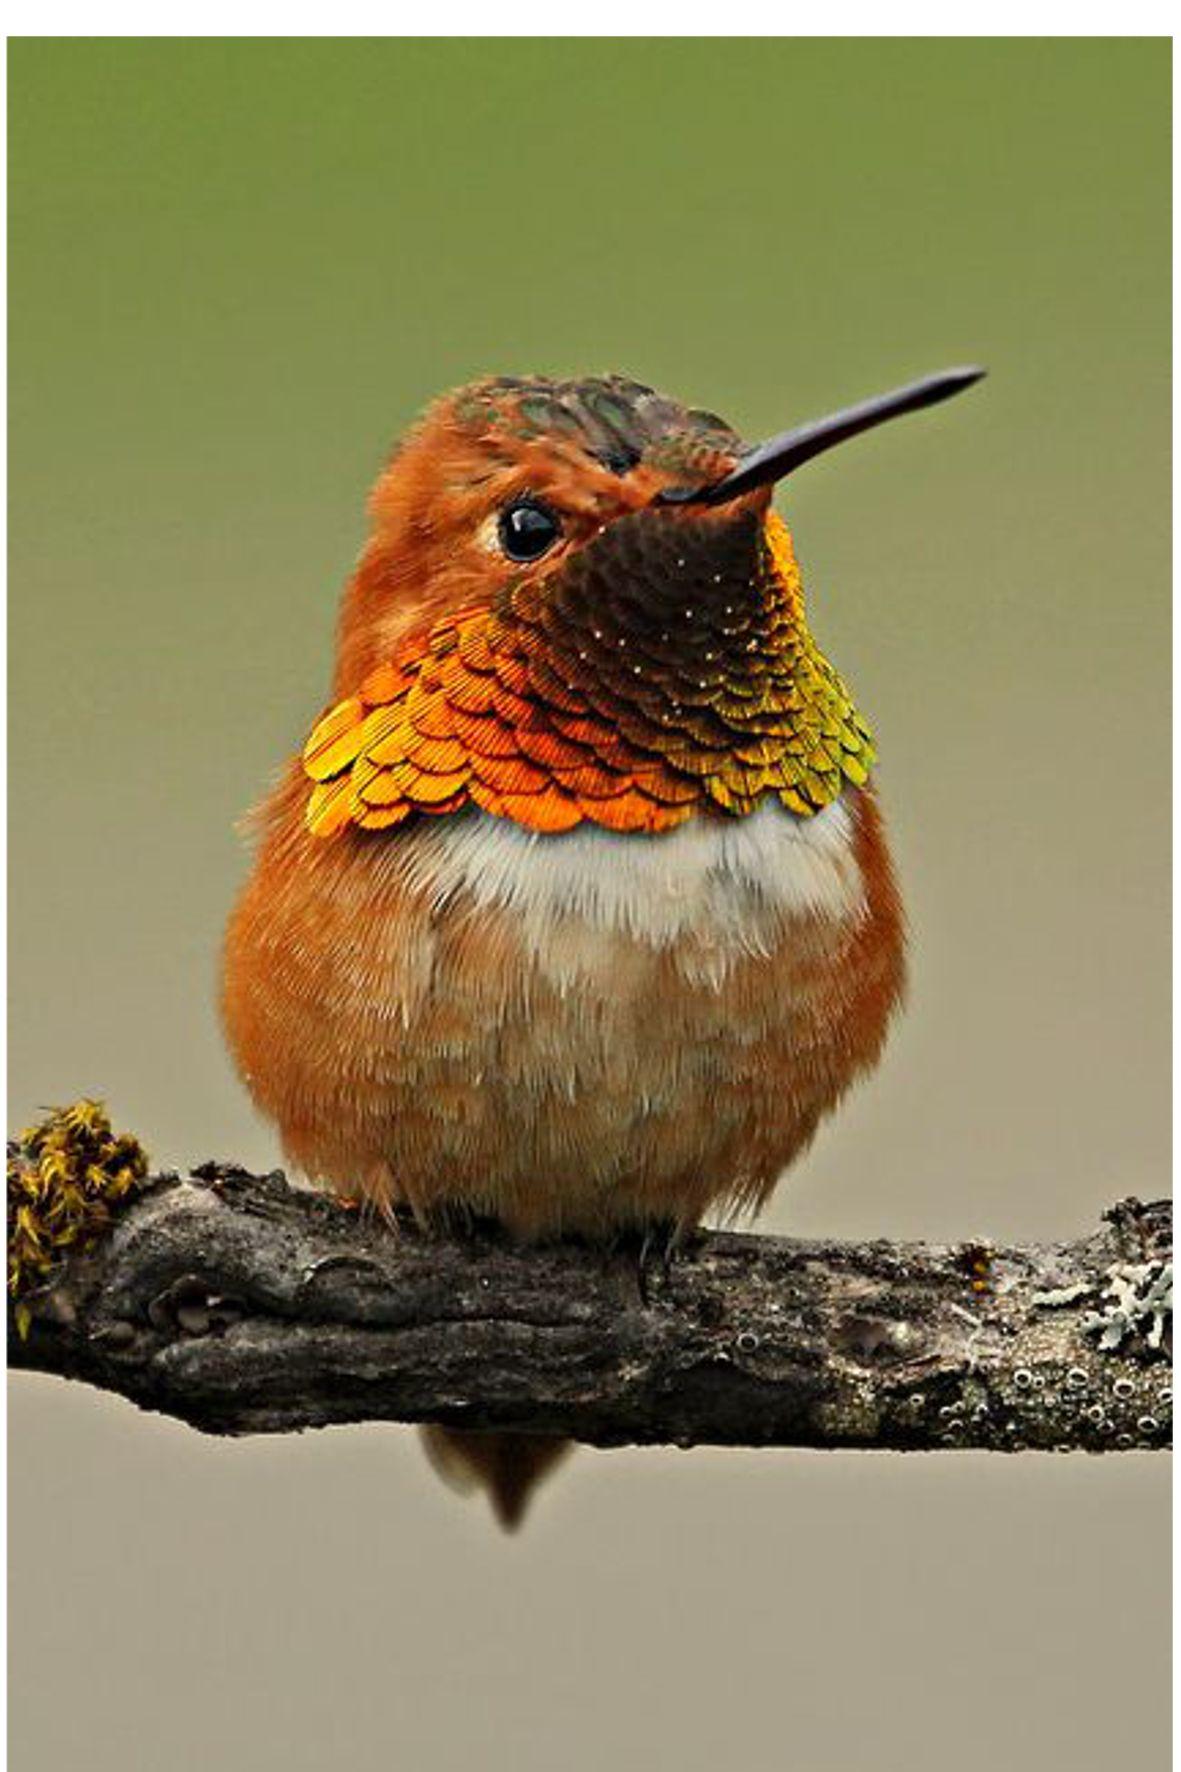 Mosaïque oiseau mosaïque small bird bird mosaic range